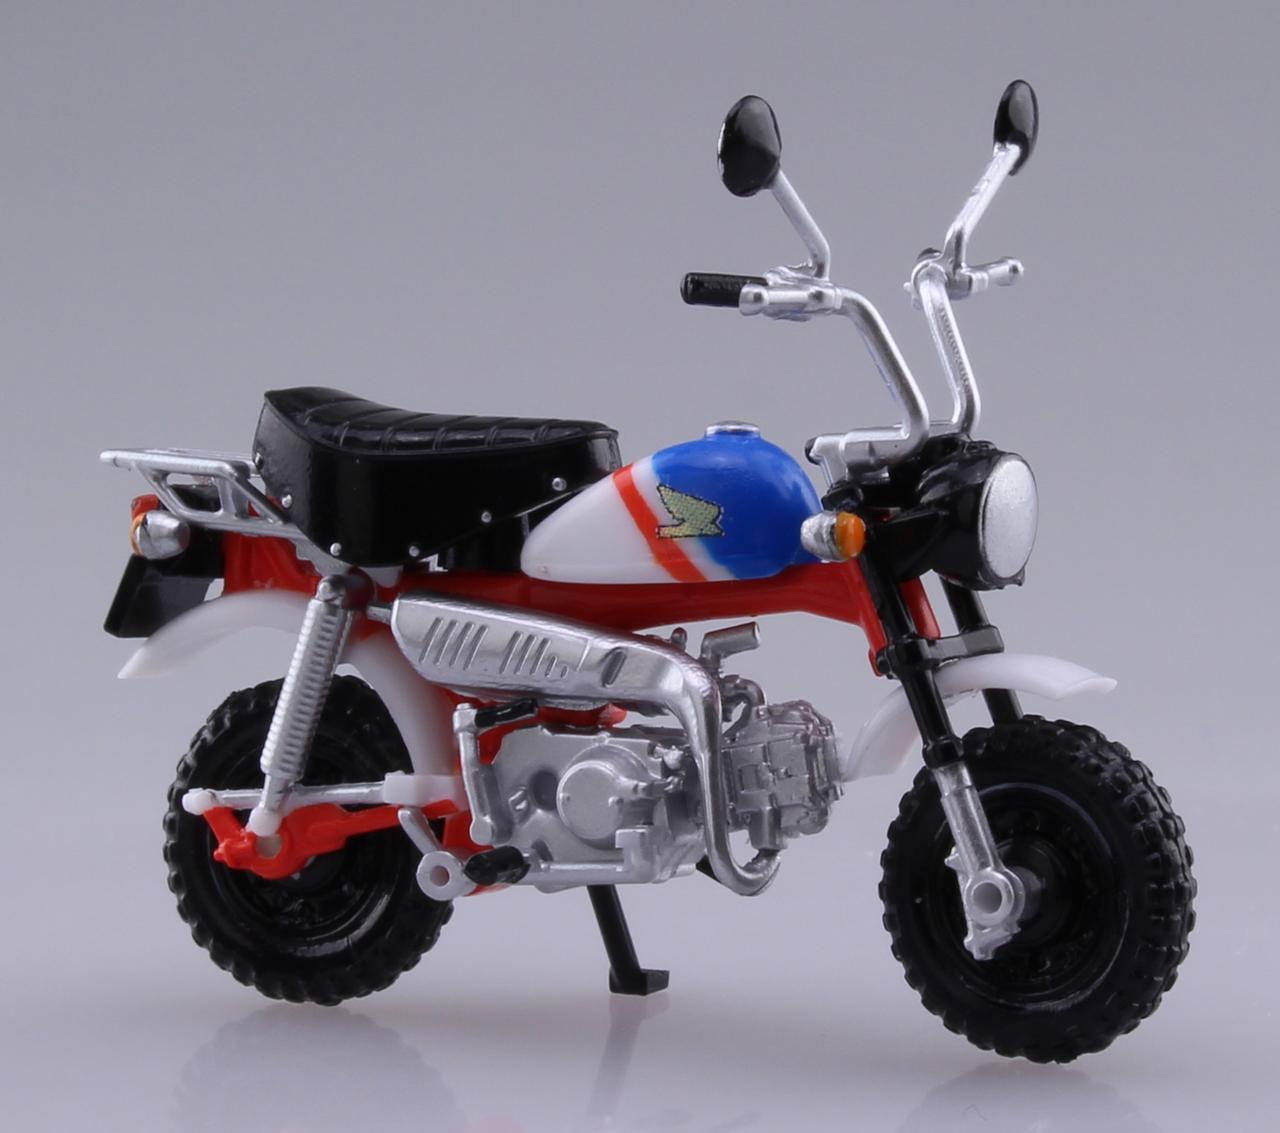 画像: モンキー・ゴリラがカプセルトイに! 全5種類で1回300円! - webオートバイ